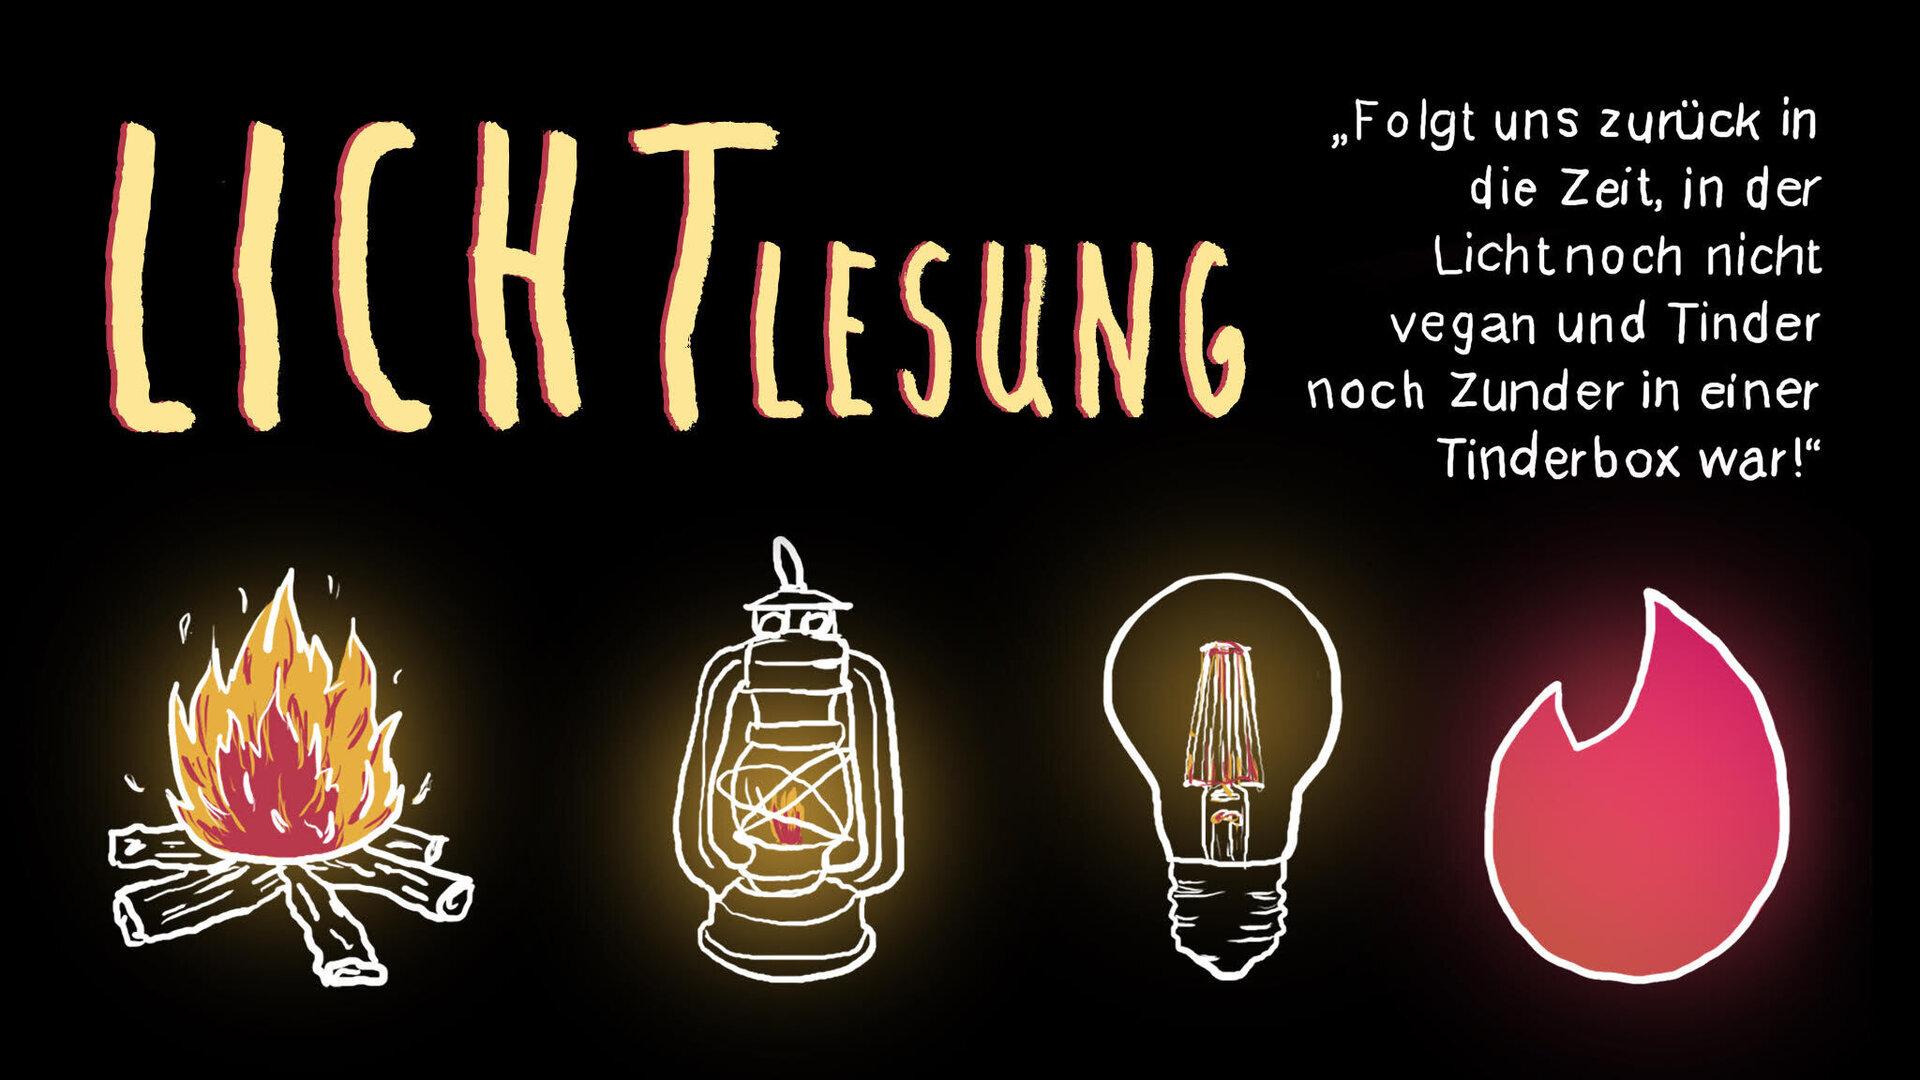 Lichtlesung